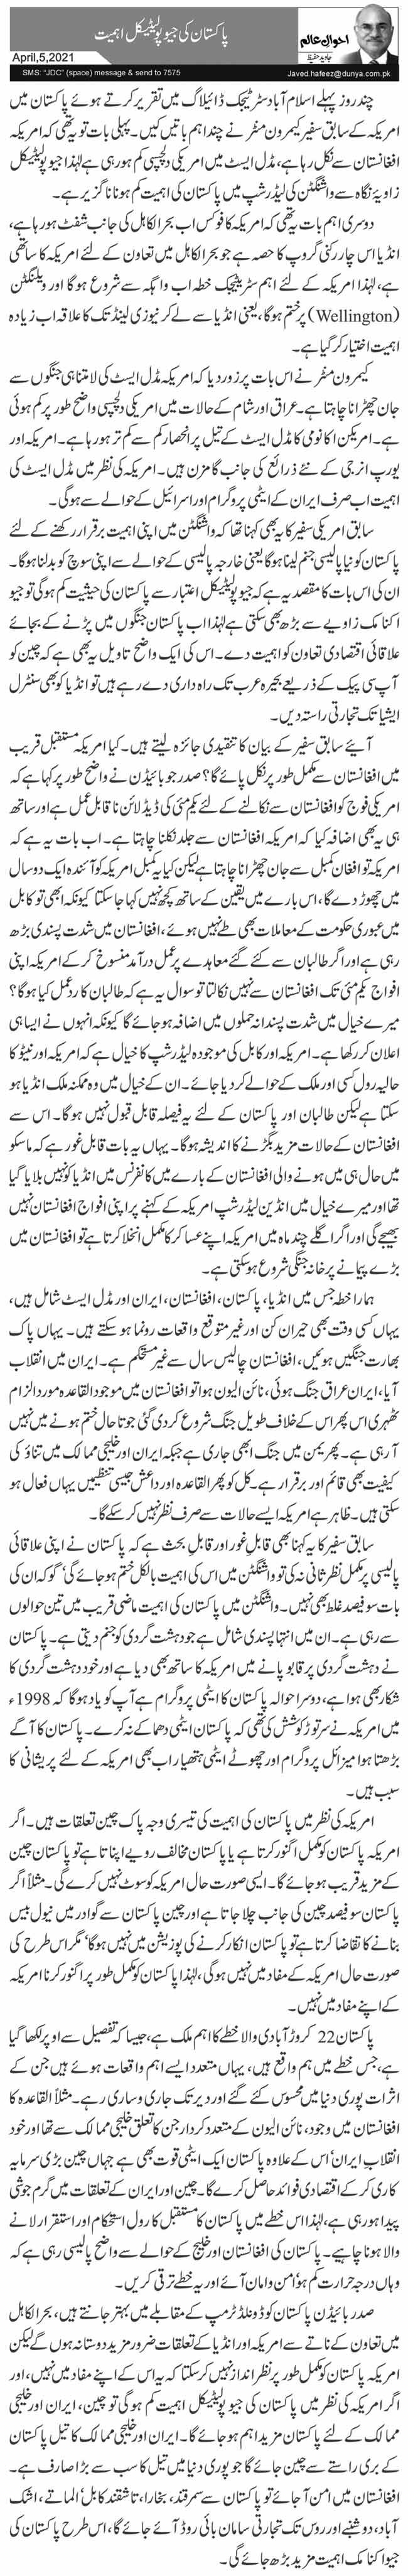 پاکستان کی جیوپولیٹیکل اہمیت